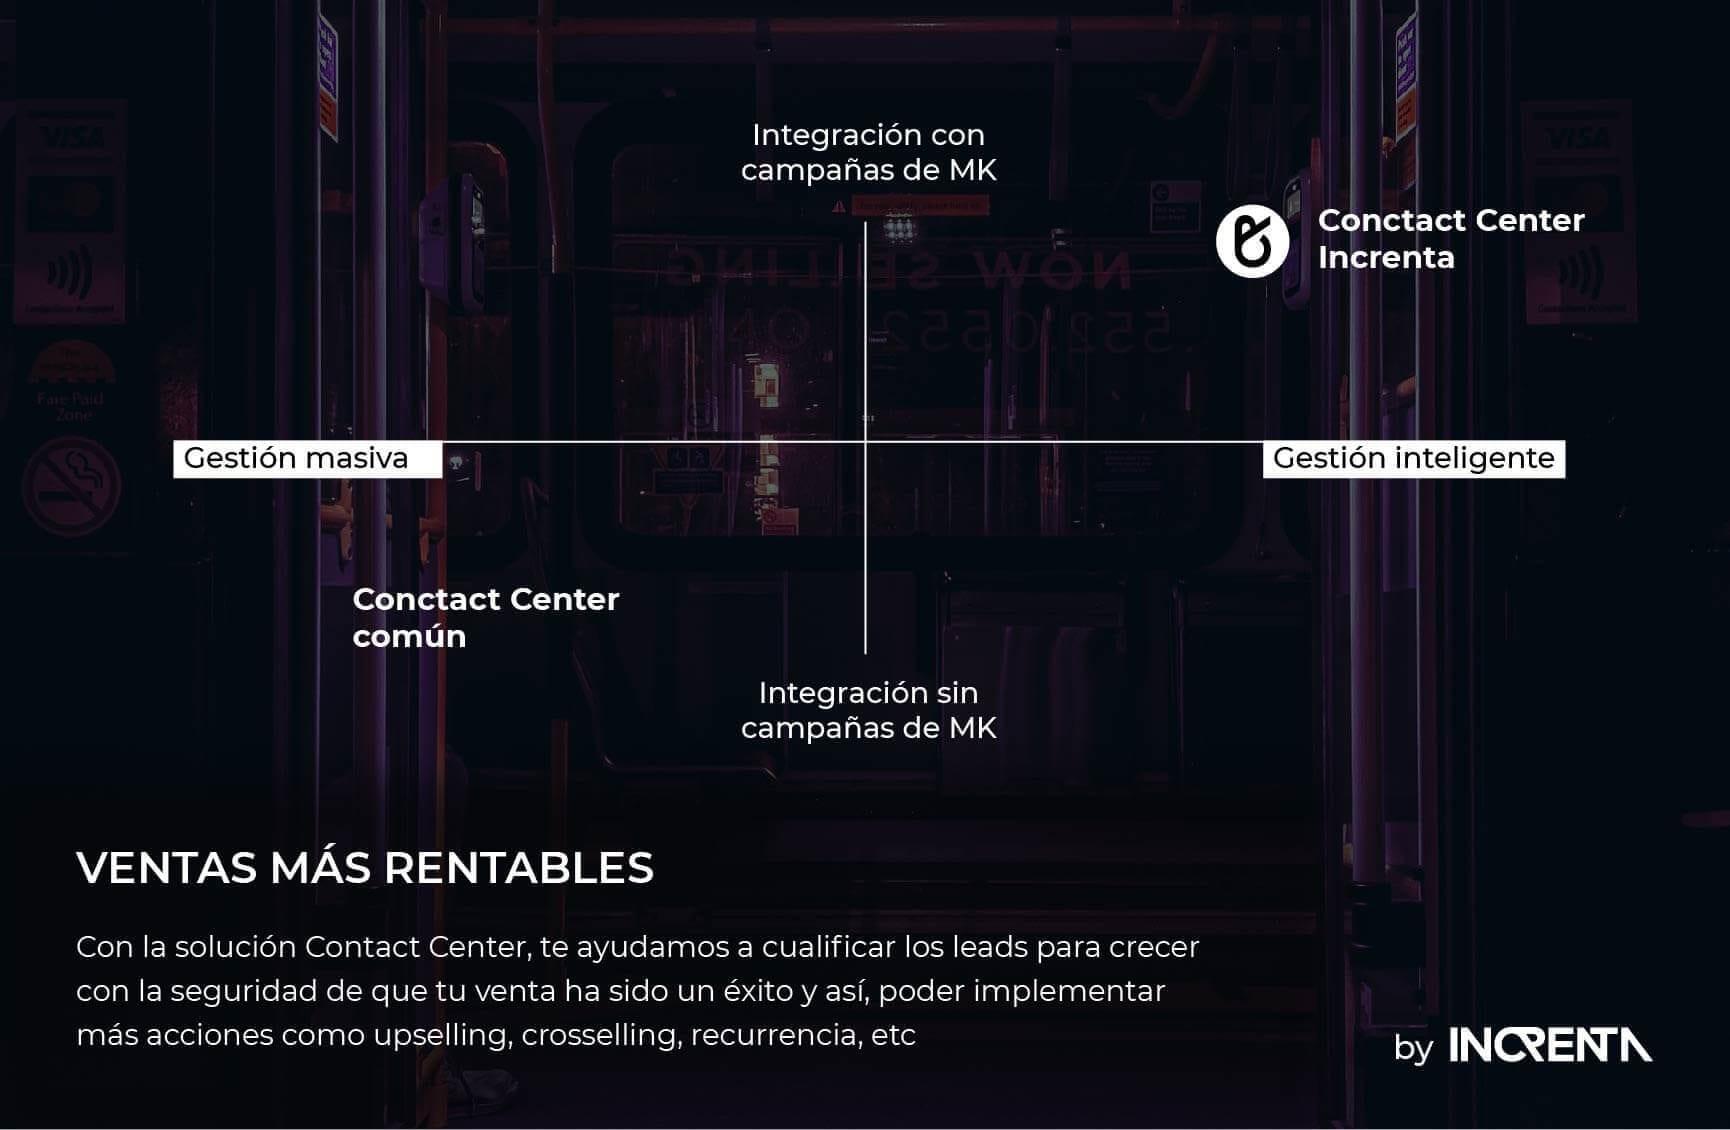 Increnta_soluciones_CONTACT CENTER 3